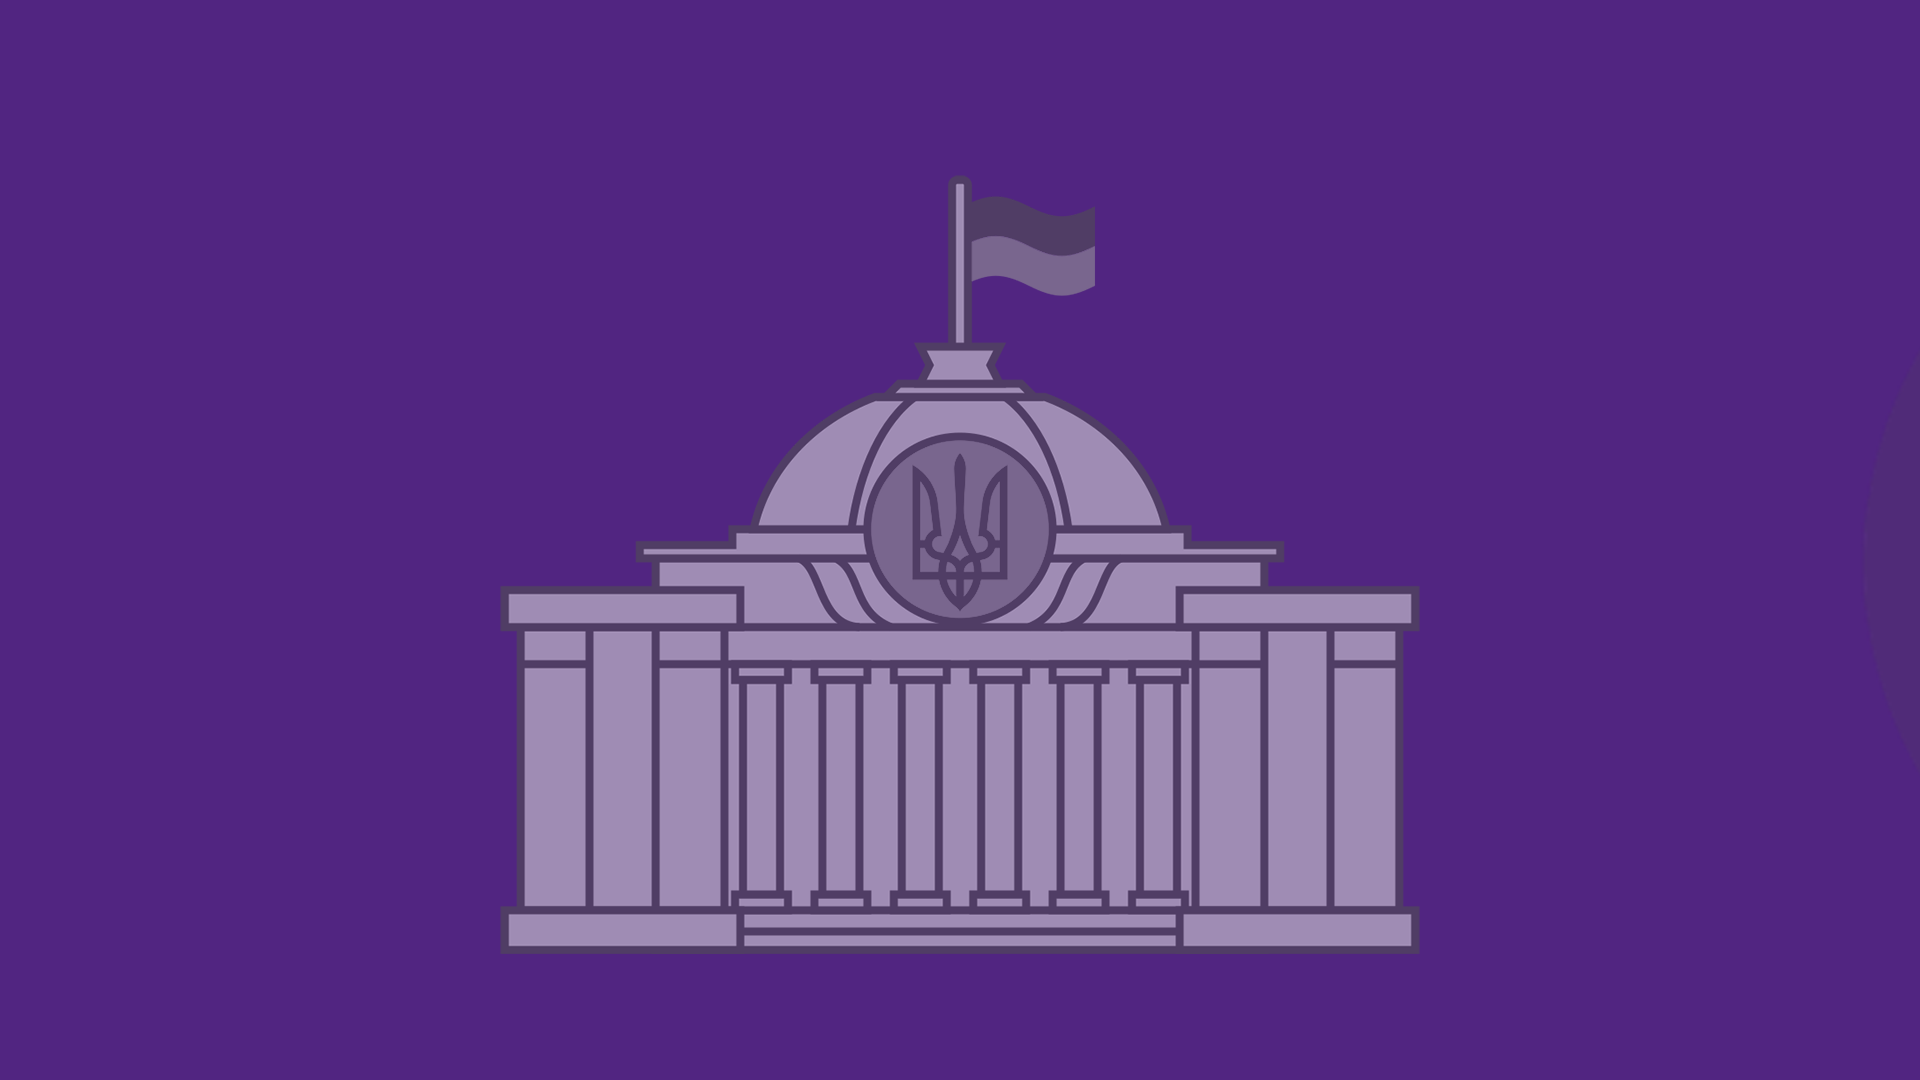 В Украине запустят приложение, чтобы следить за нардепами